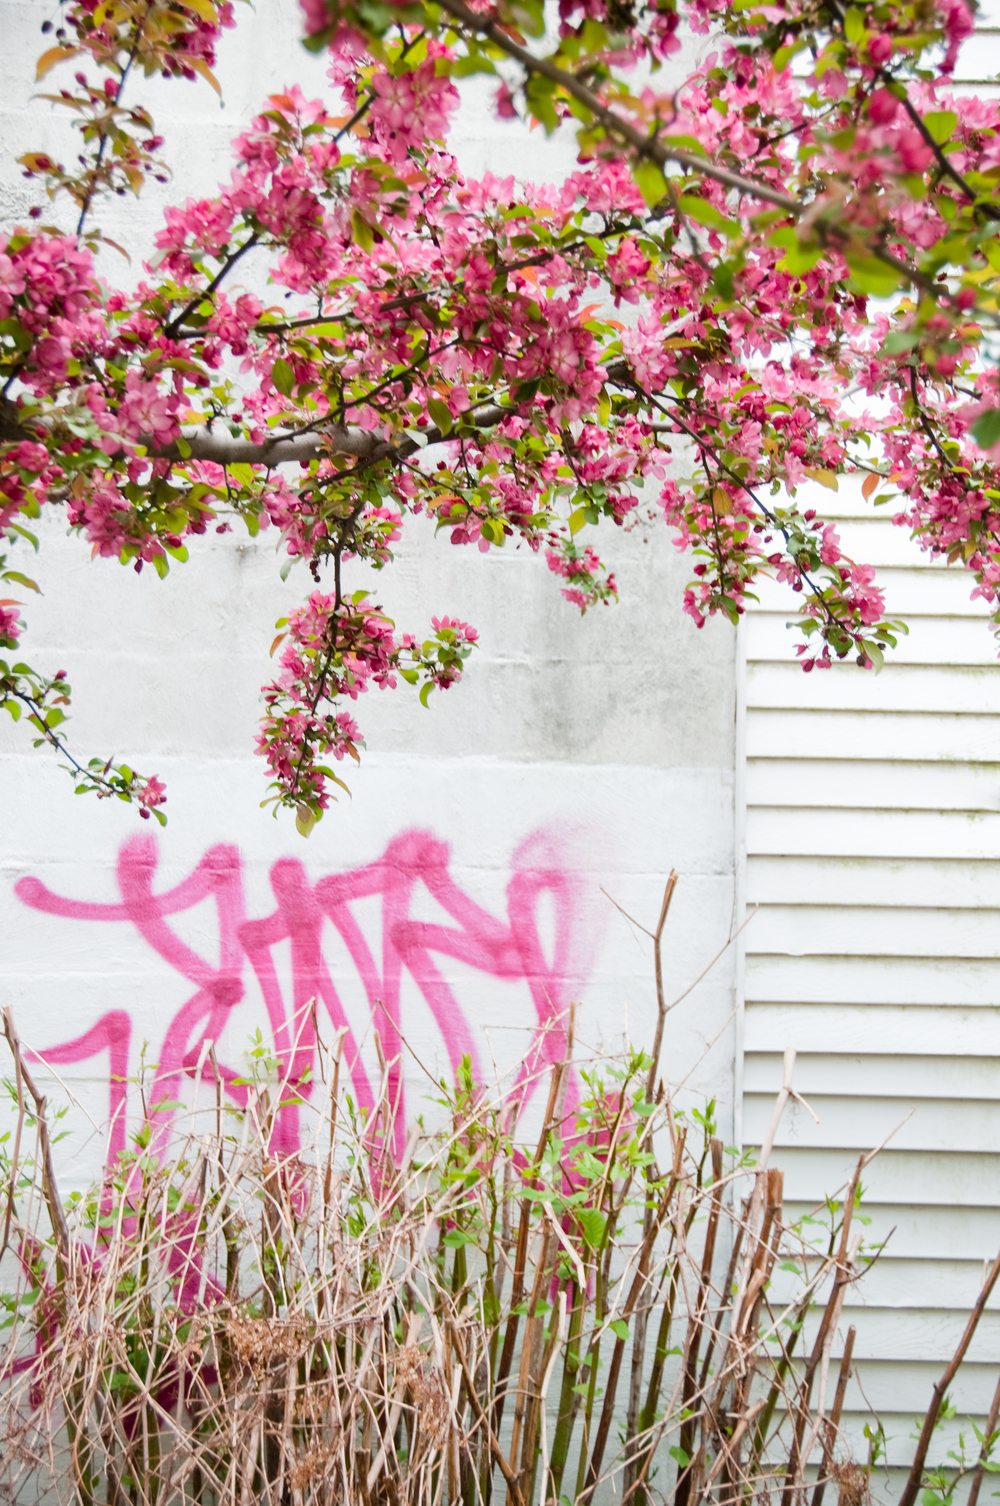 graffiti_7552749220_o.jpg